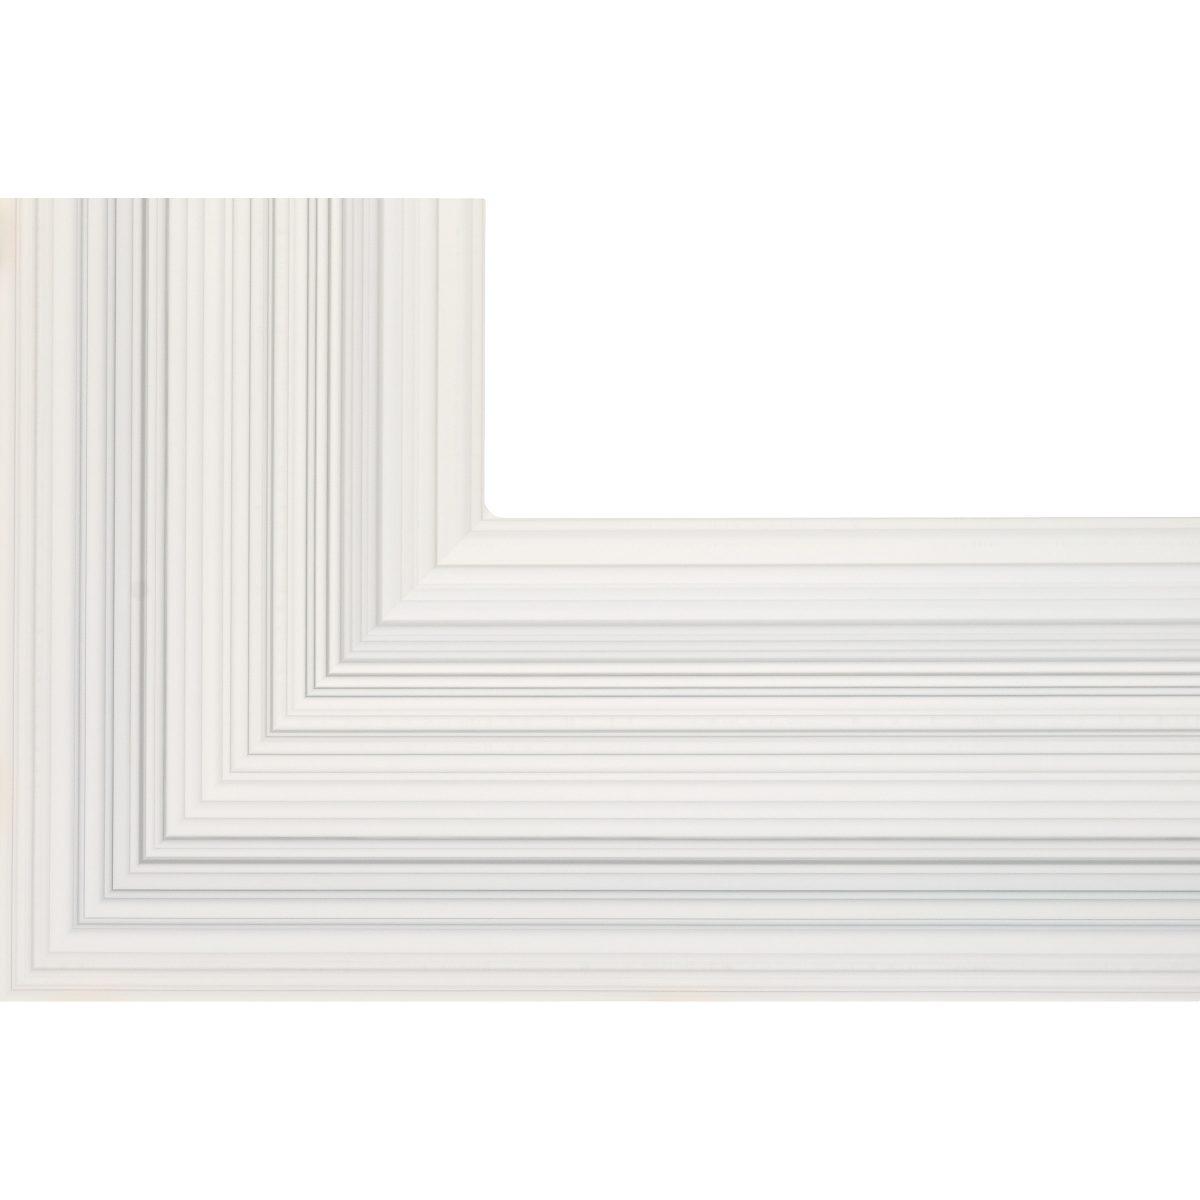 Corian® Silver Linear (L)